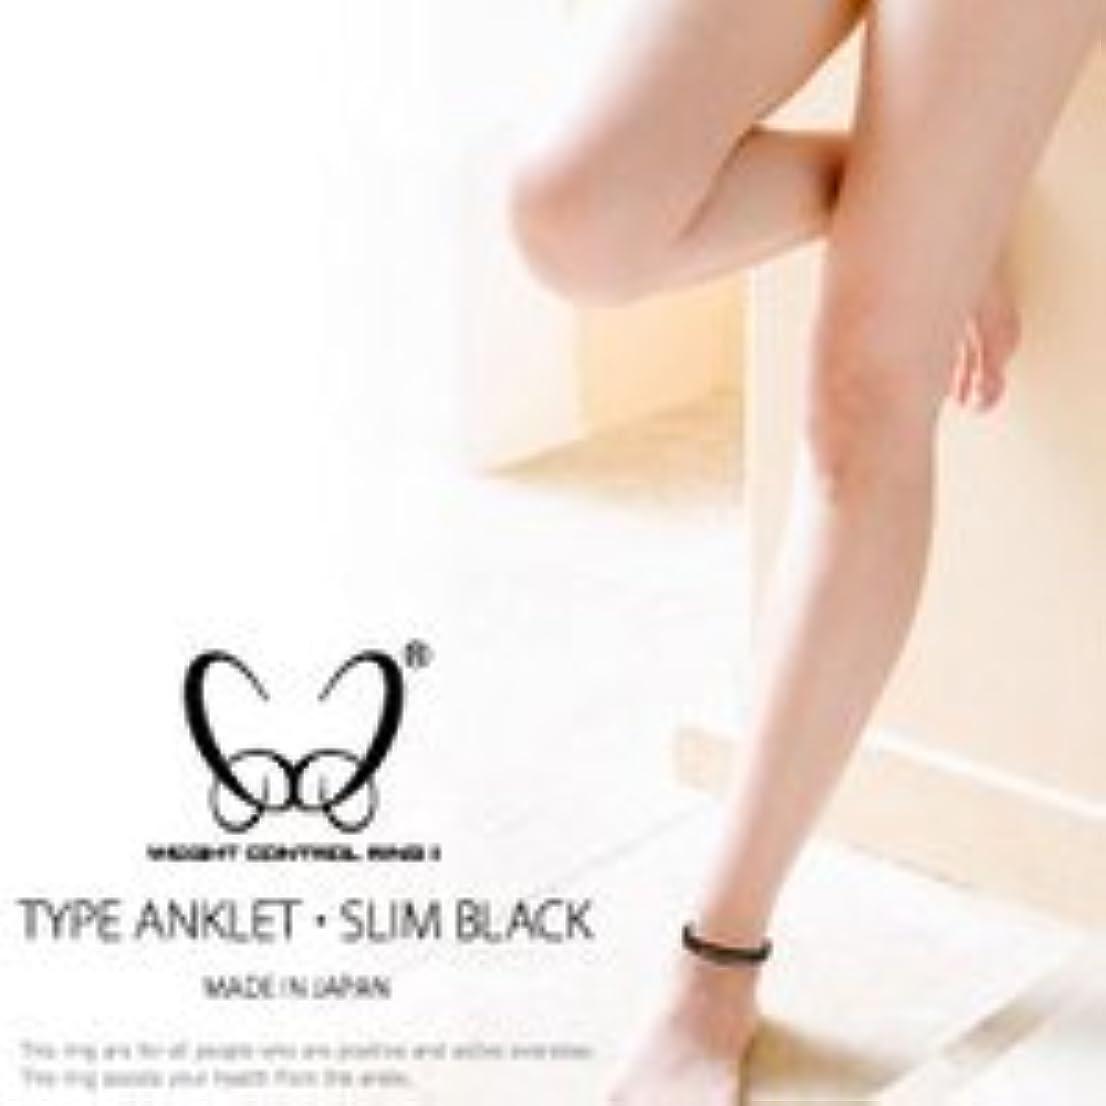 プーノマートマークウエイトコントロールリングII Typeアンクレット スリムブラック Mサイズ